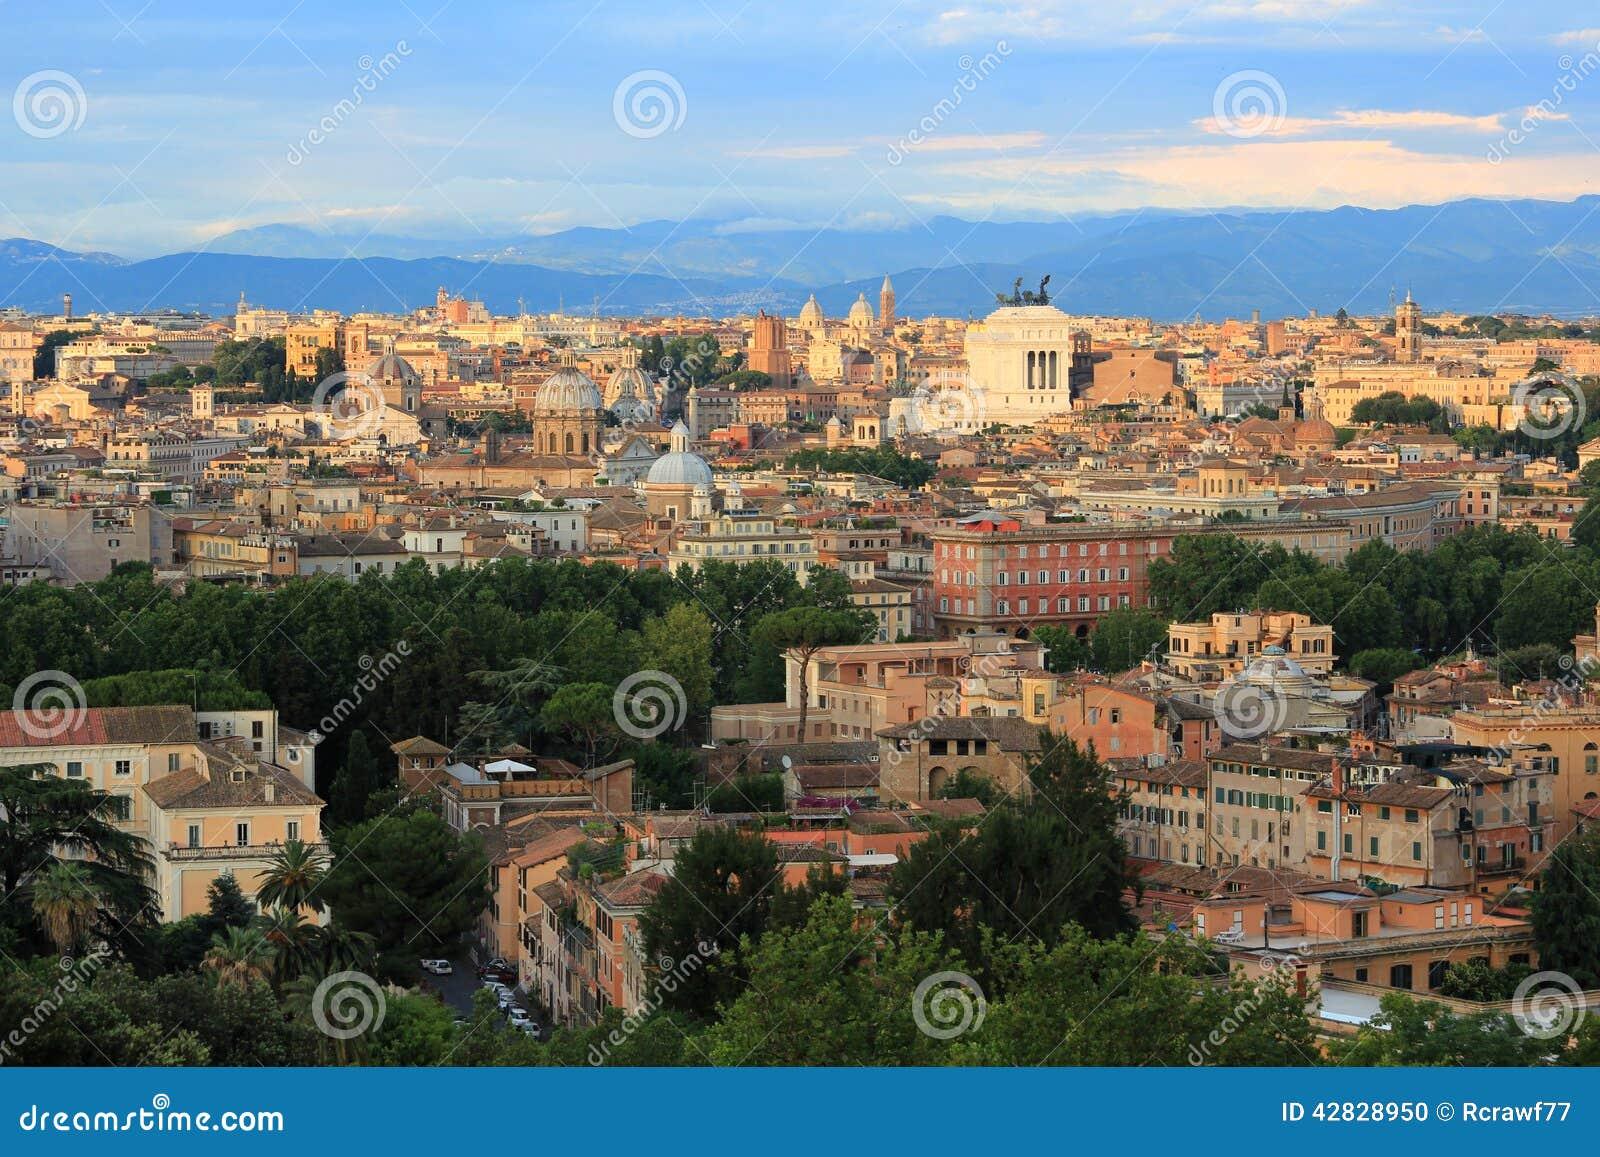 Belle vecchie finestre a roma italia fotografia stock - Finestre a roma ...